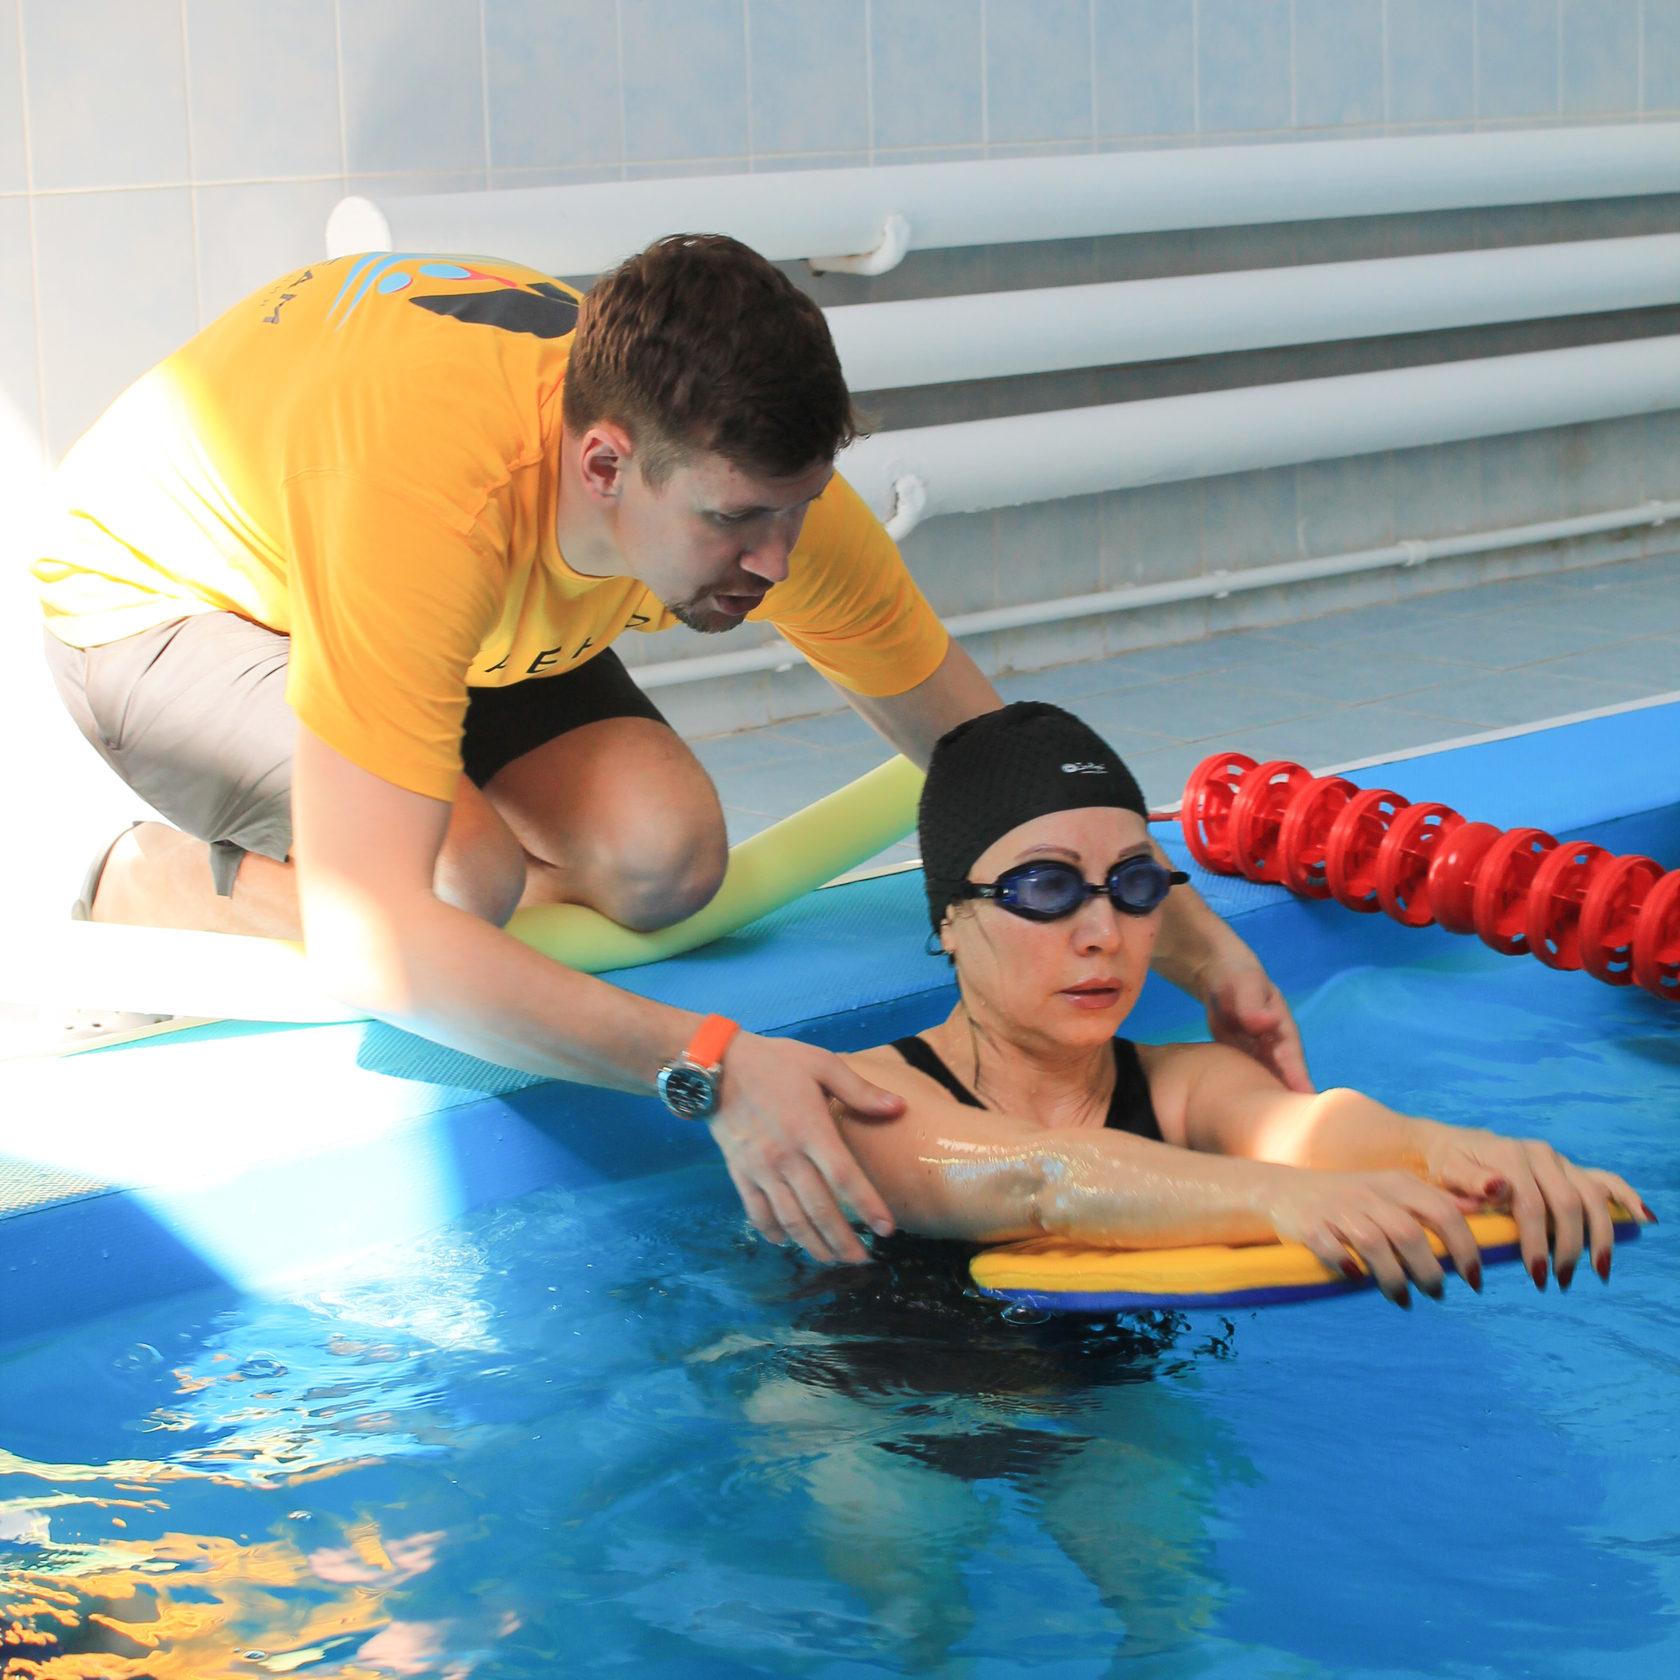 Лучший тренер по плаванию картинки